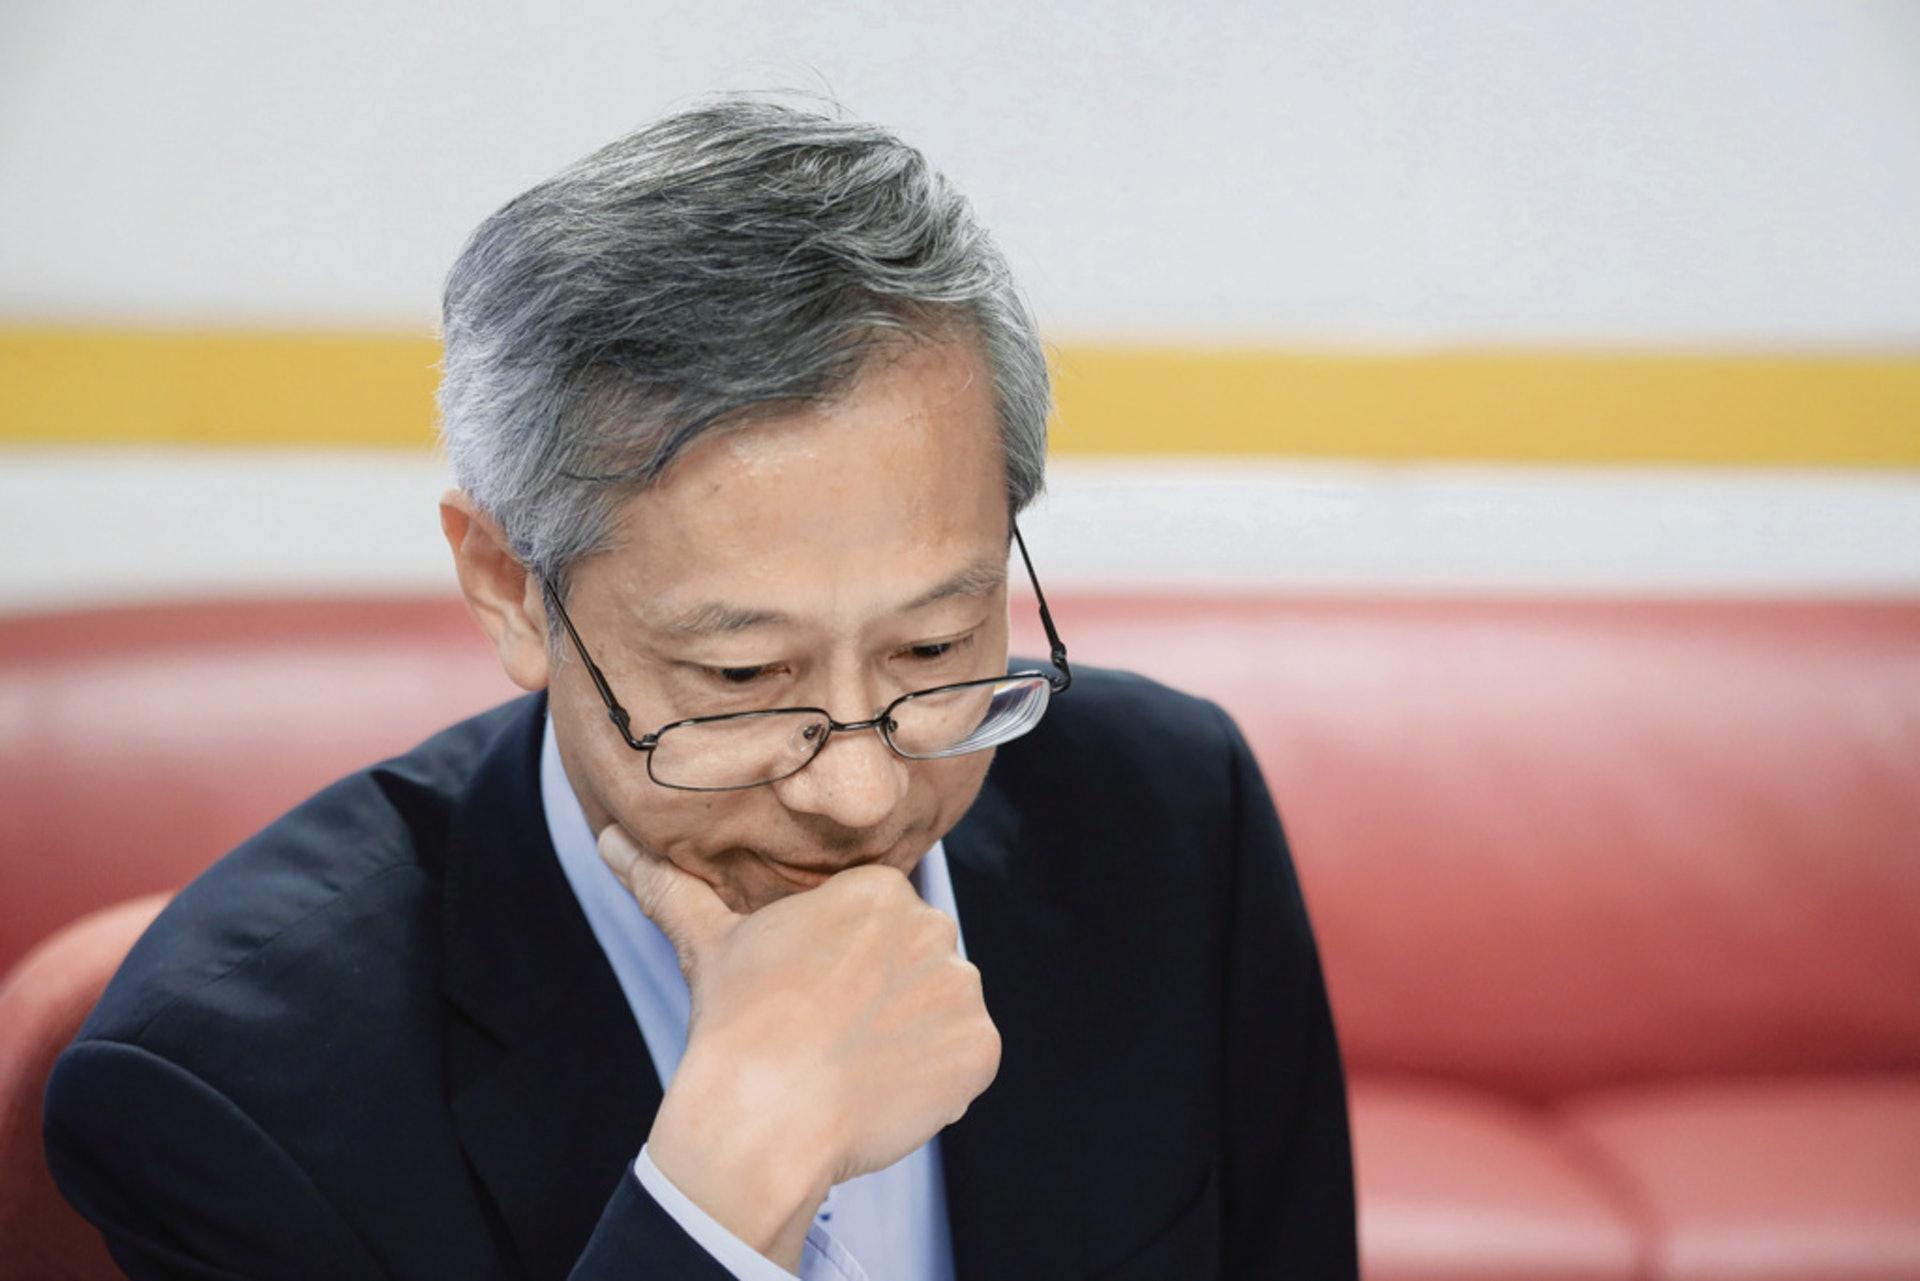 陳家樂是二十年香港房屋政策制訂的主要參與者,推動訂立了對房屋政策有深遠影響的居屋第二市場。(梁鵬威攝)